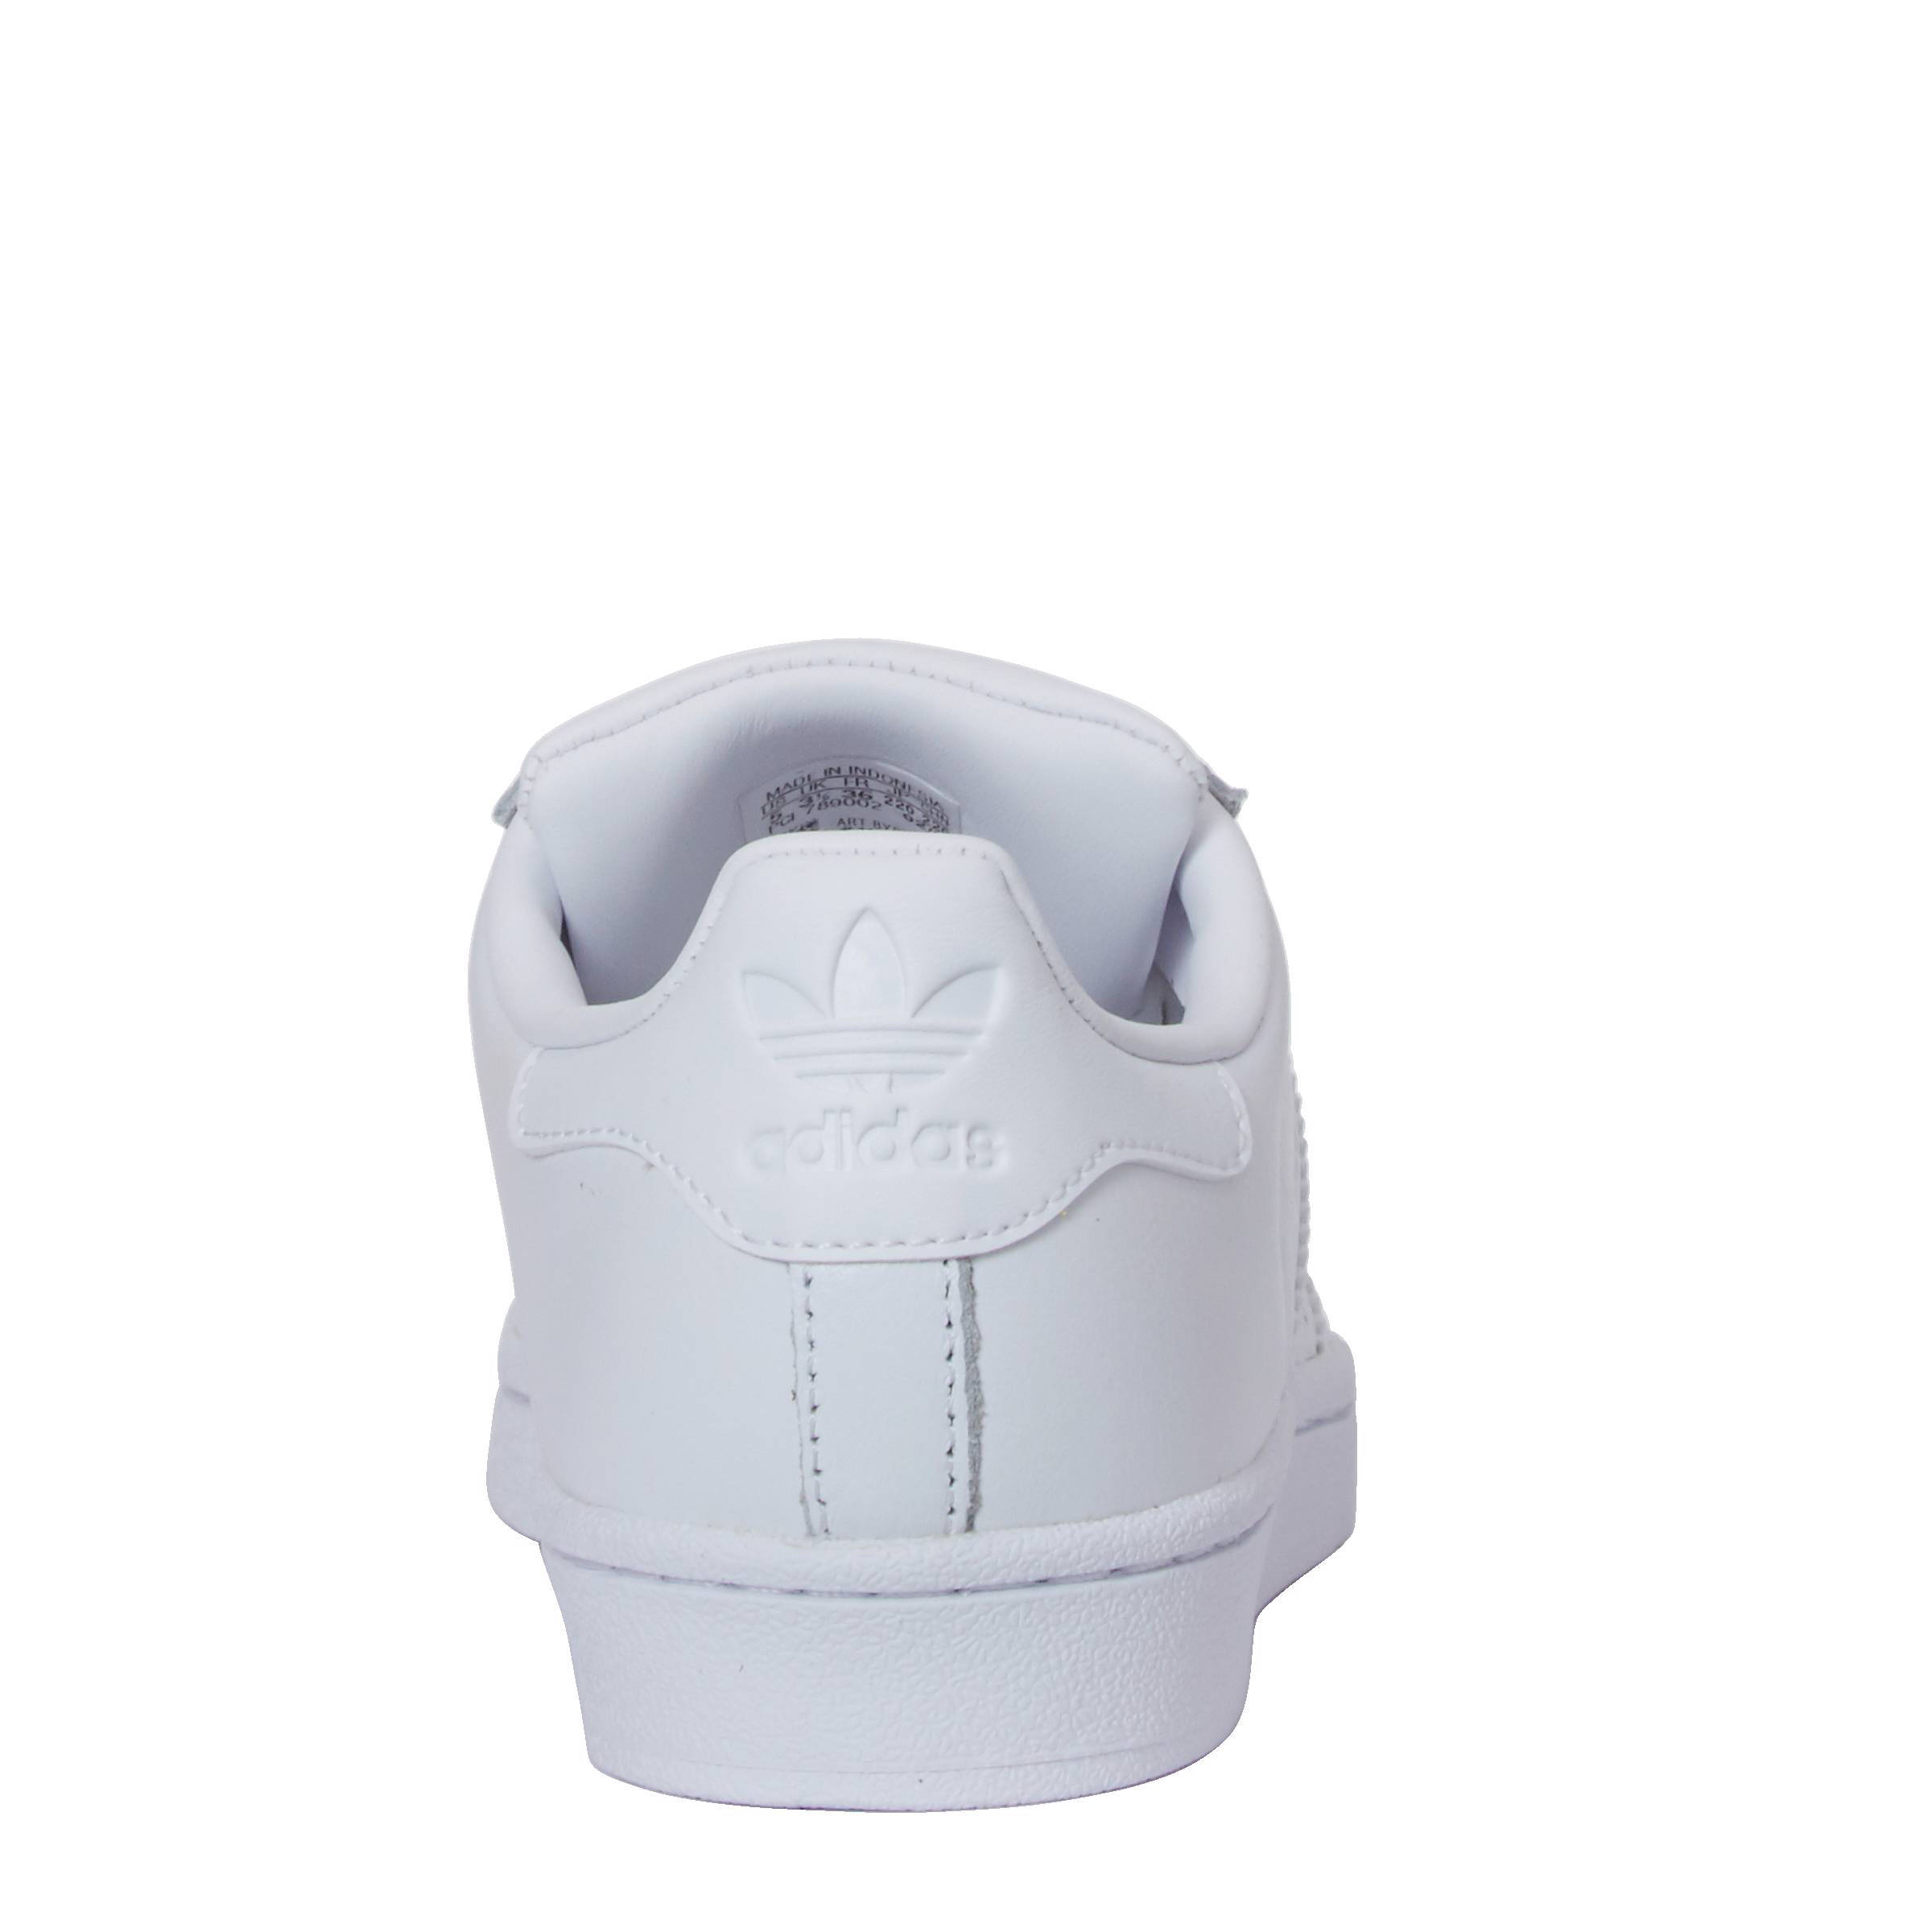 adidas schoenen uitlopen